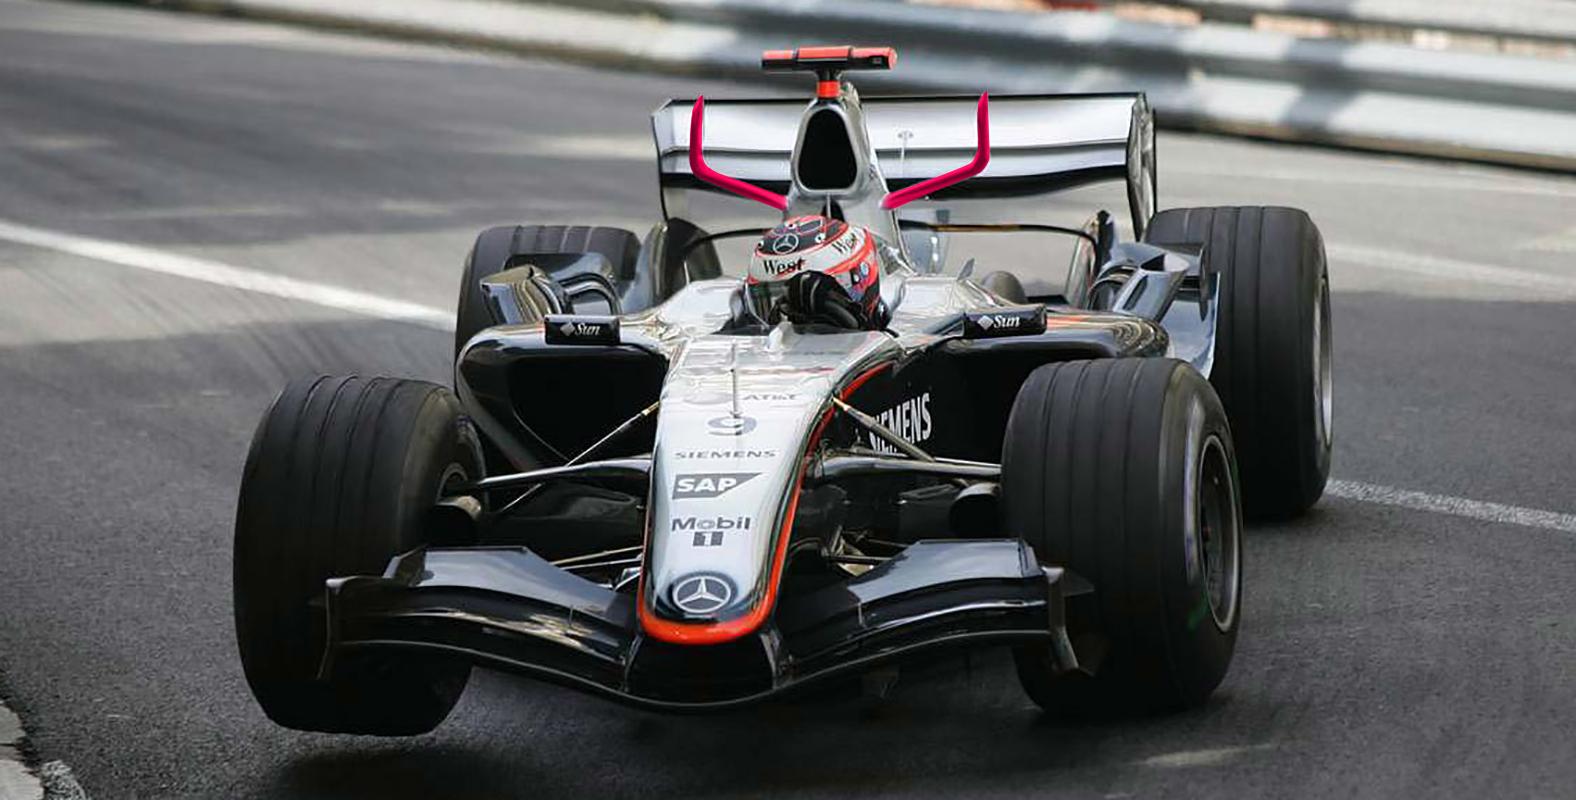 Cuernos McLaren